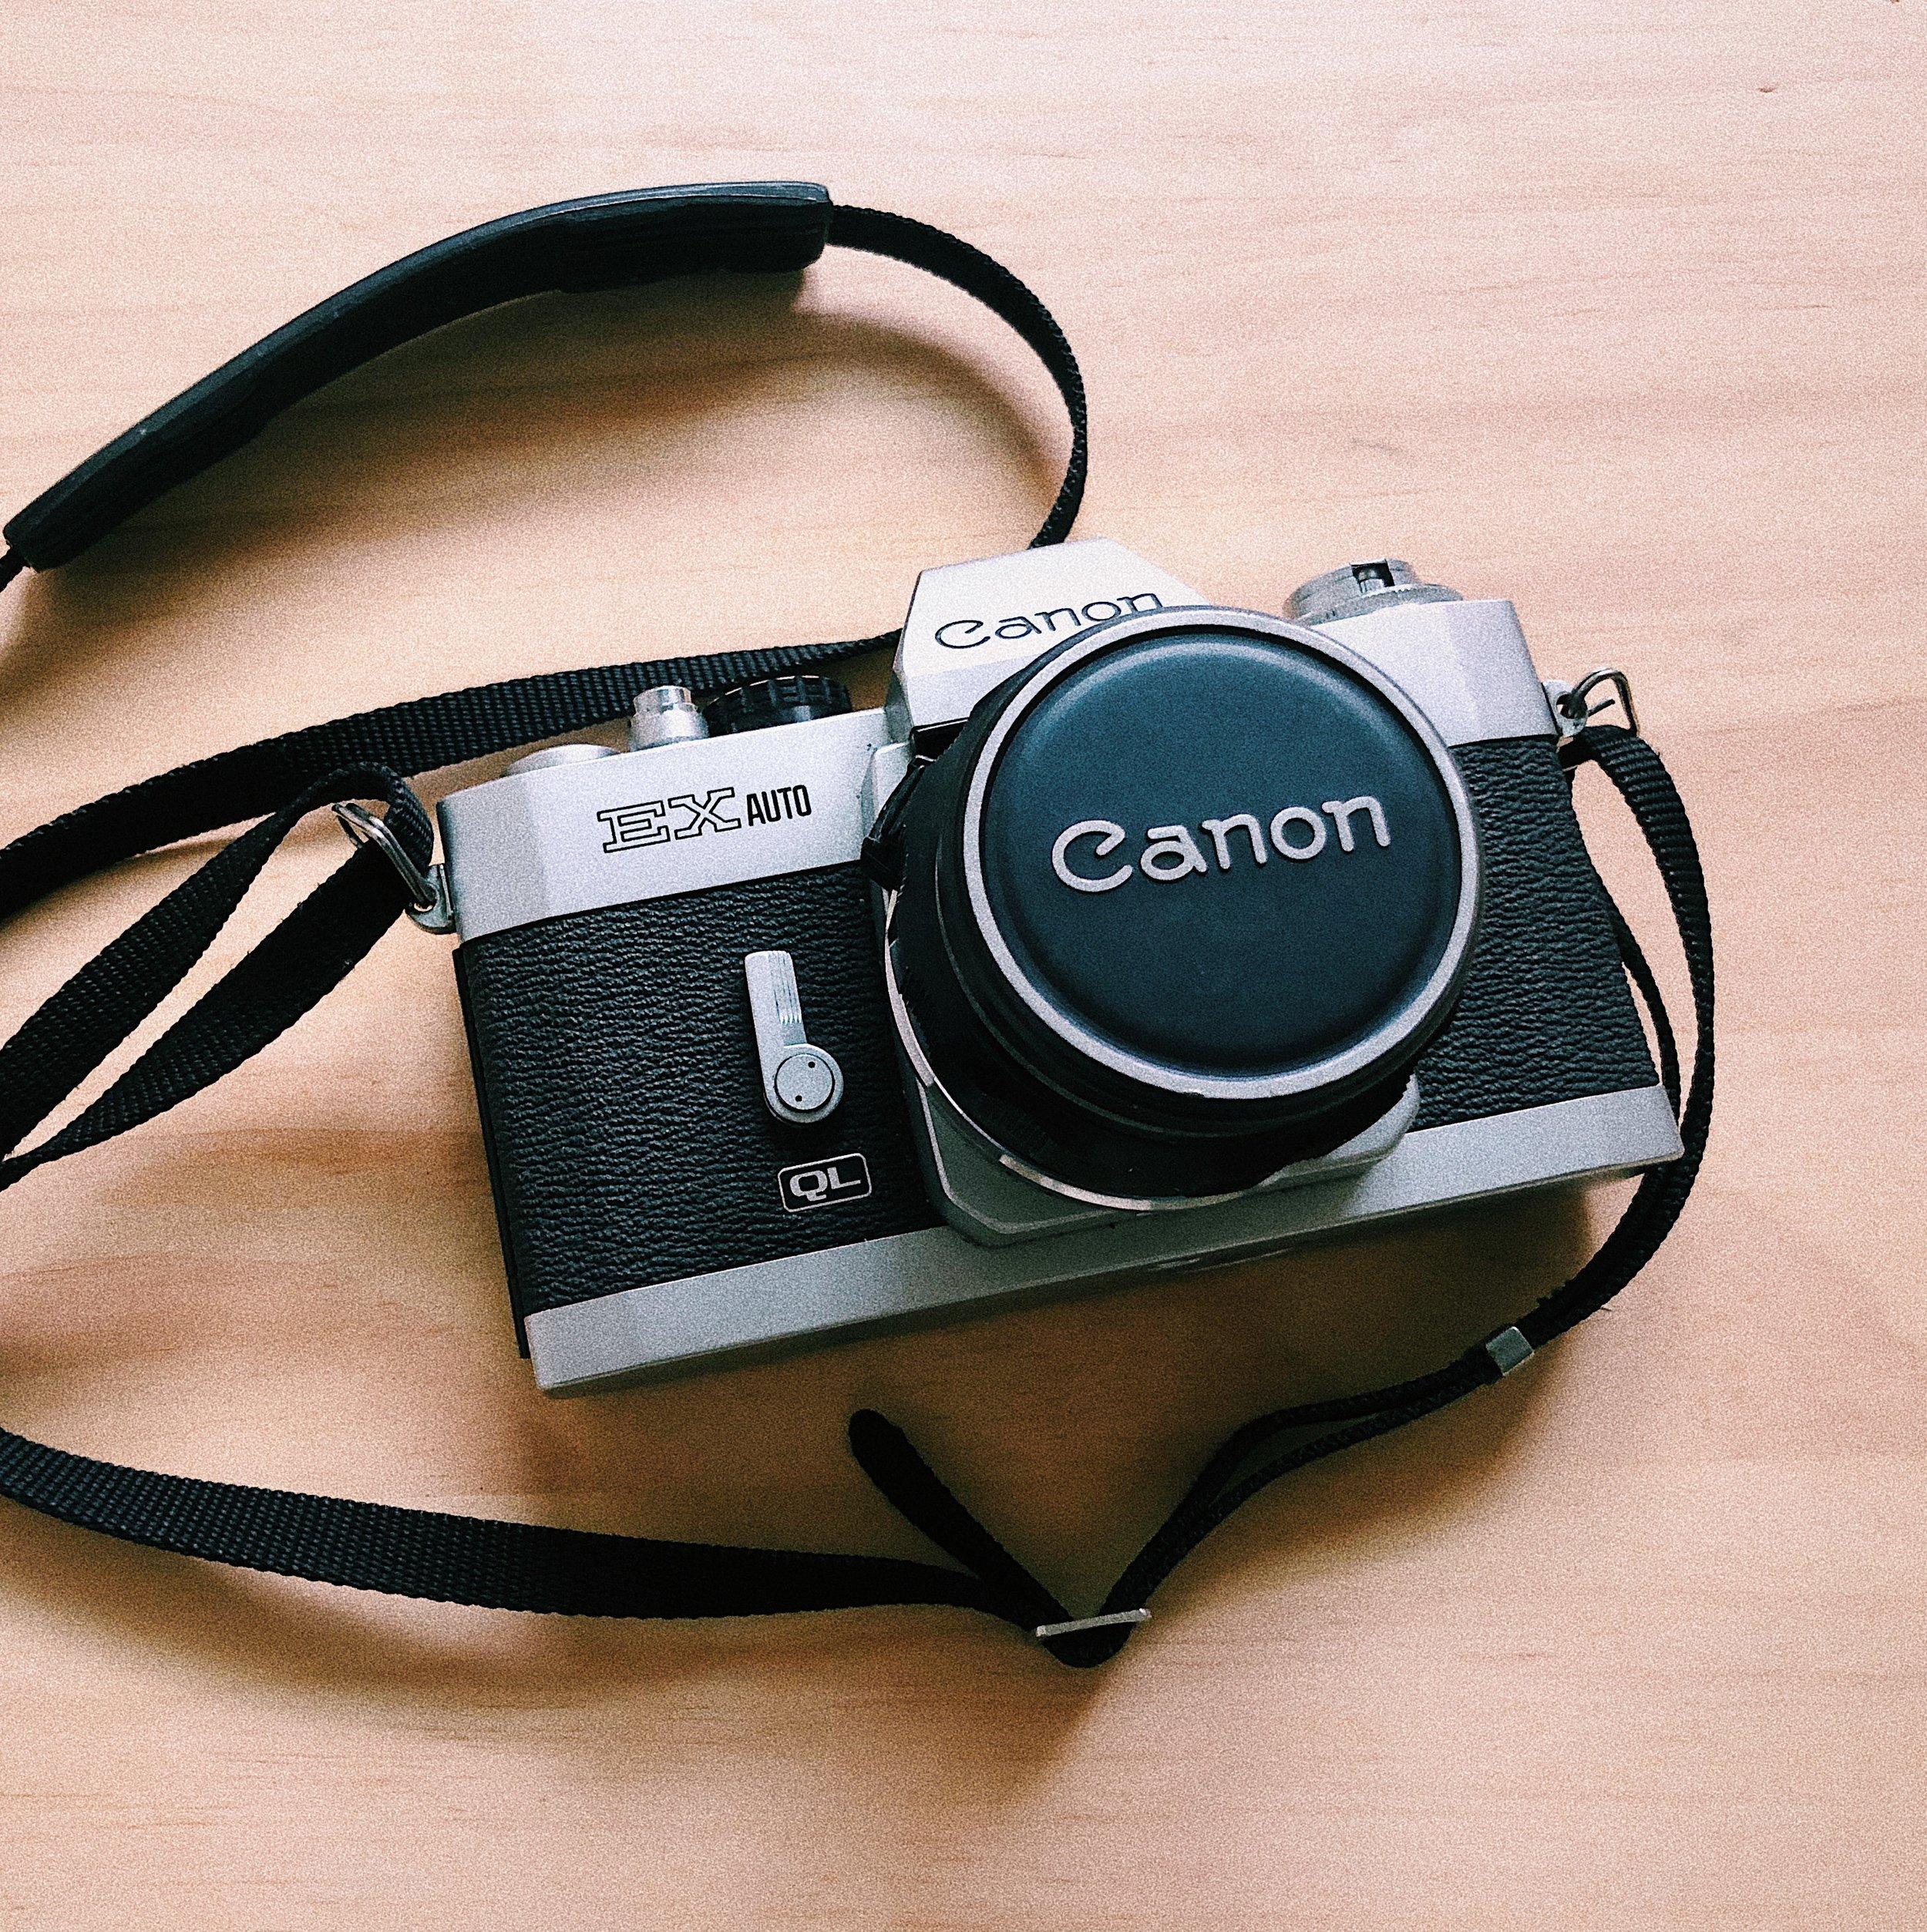 阿公的老Canon相機